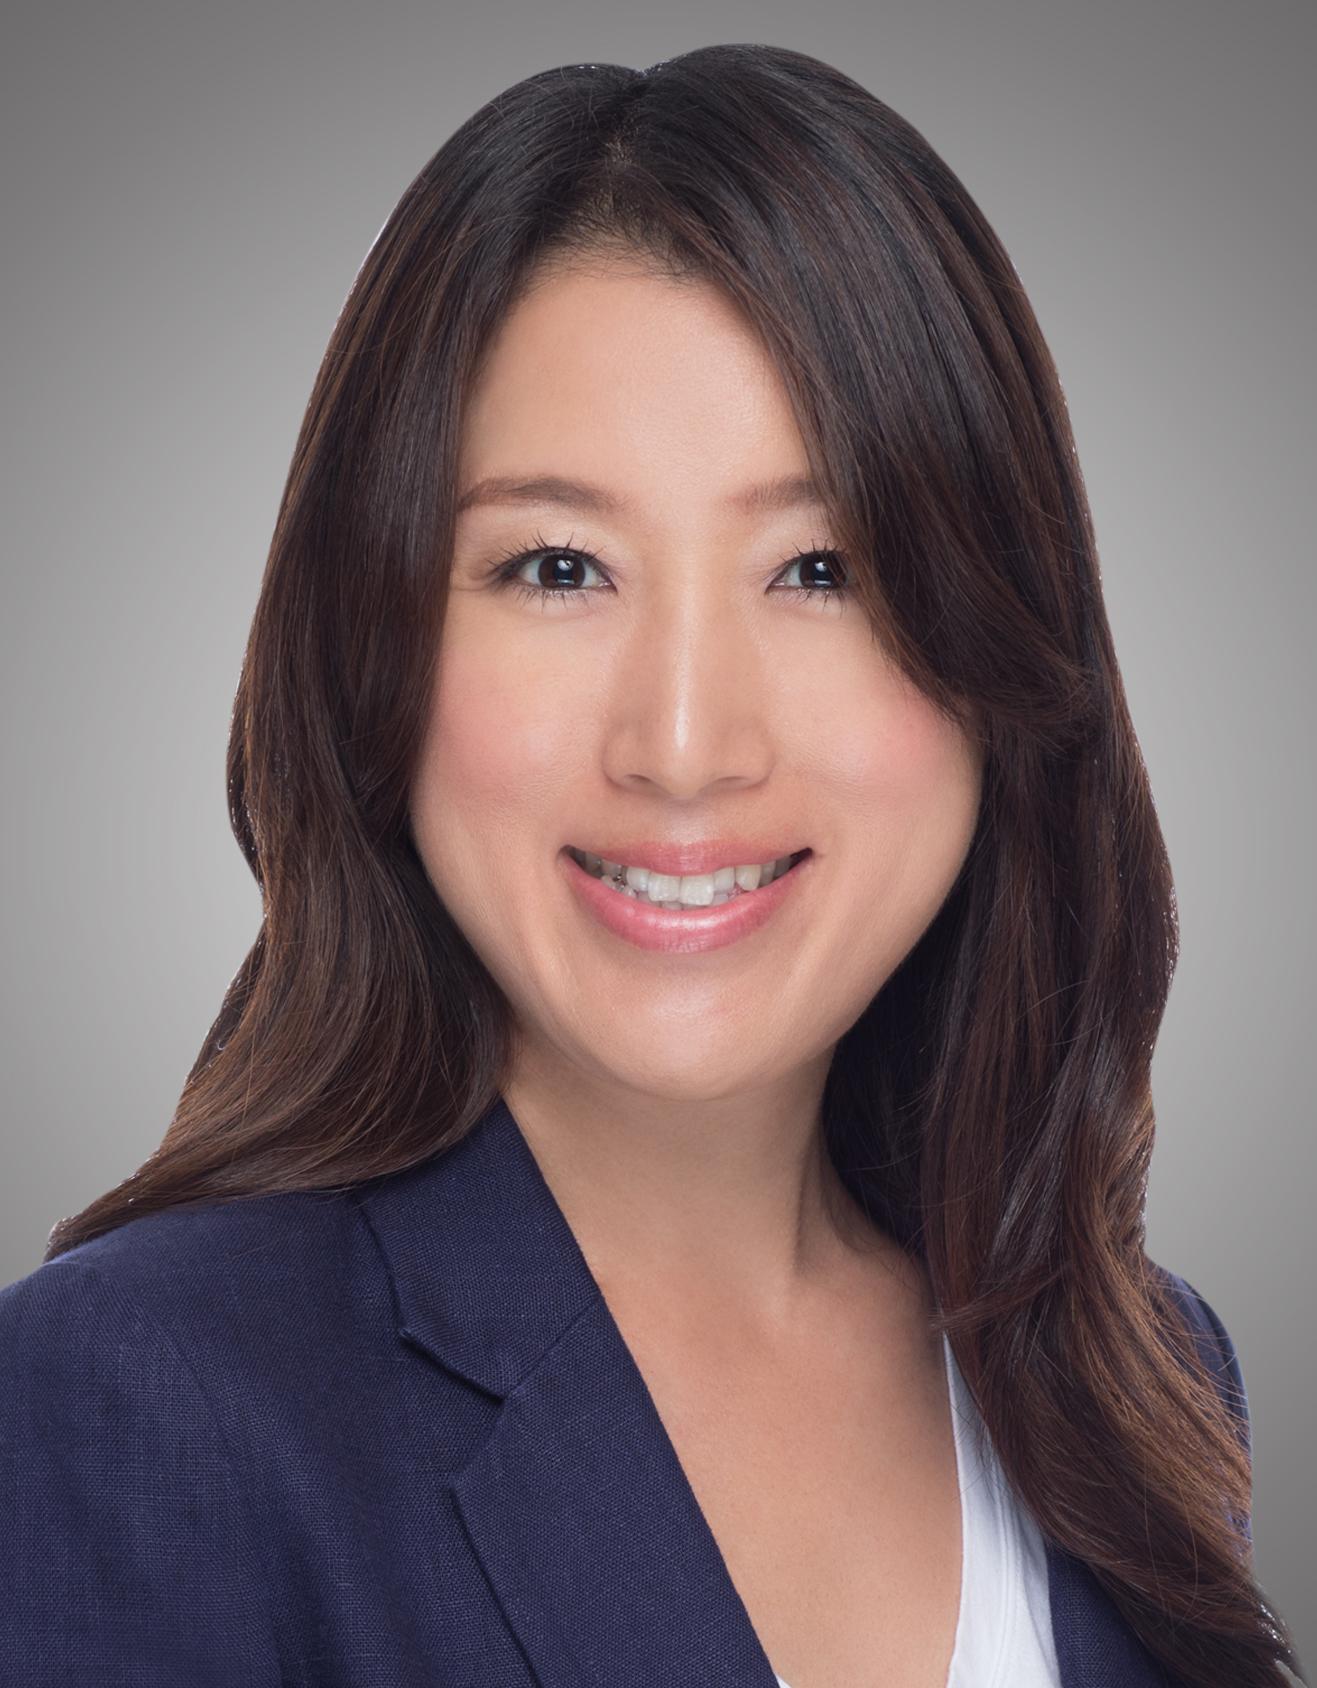 Yukiko Yang